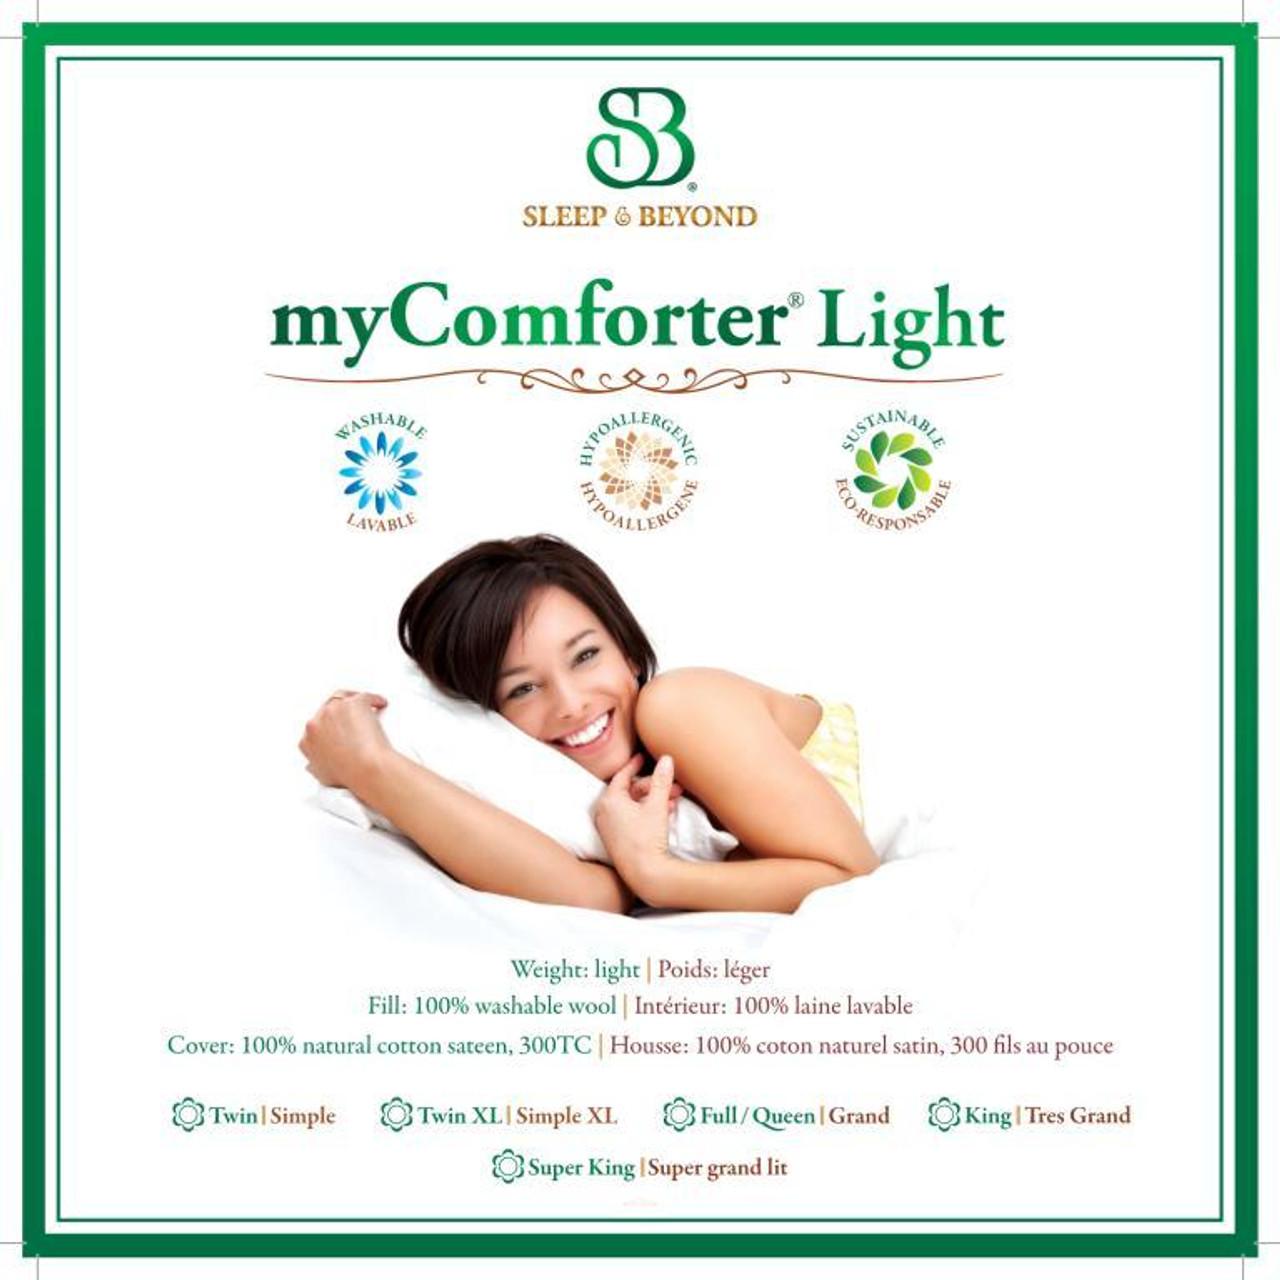 Sleep & Beyond myComforter Light 100% Washable Wool Comforter Front Package